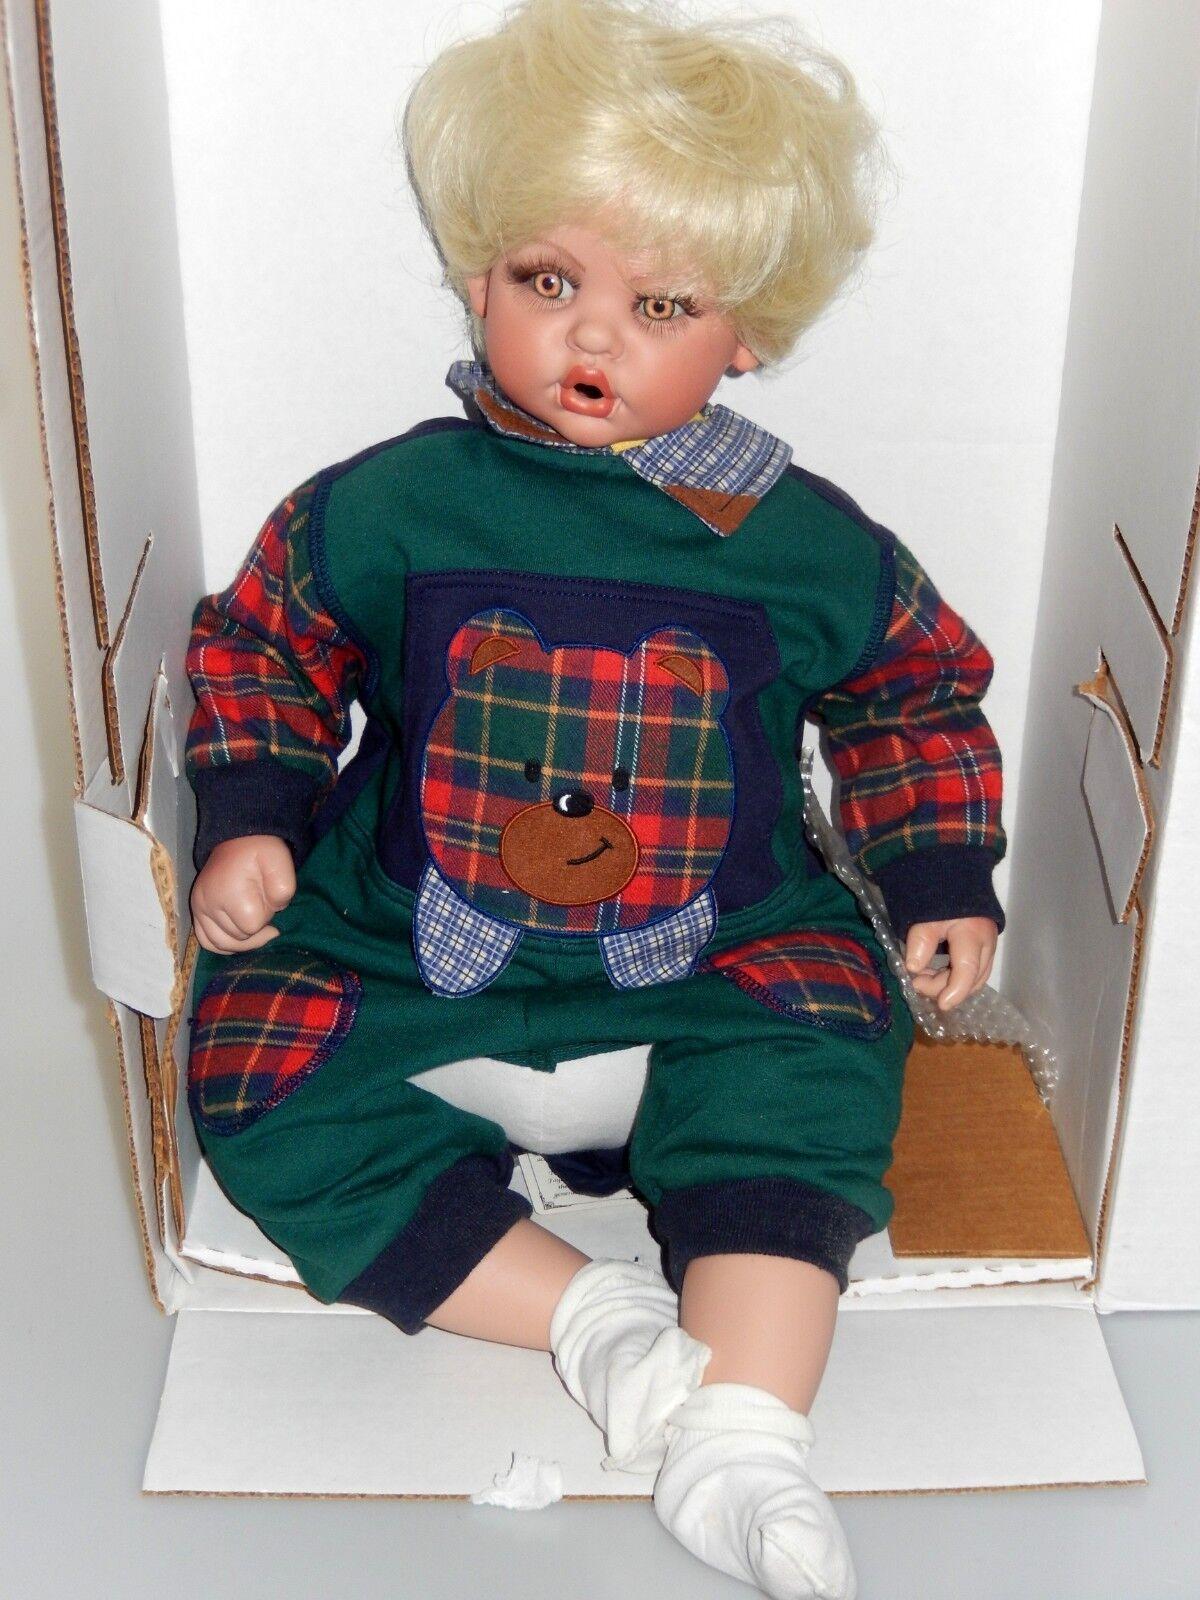 en caja el FAYZAH SPANOS muñeca colección oso Boo Boo